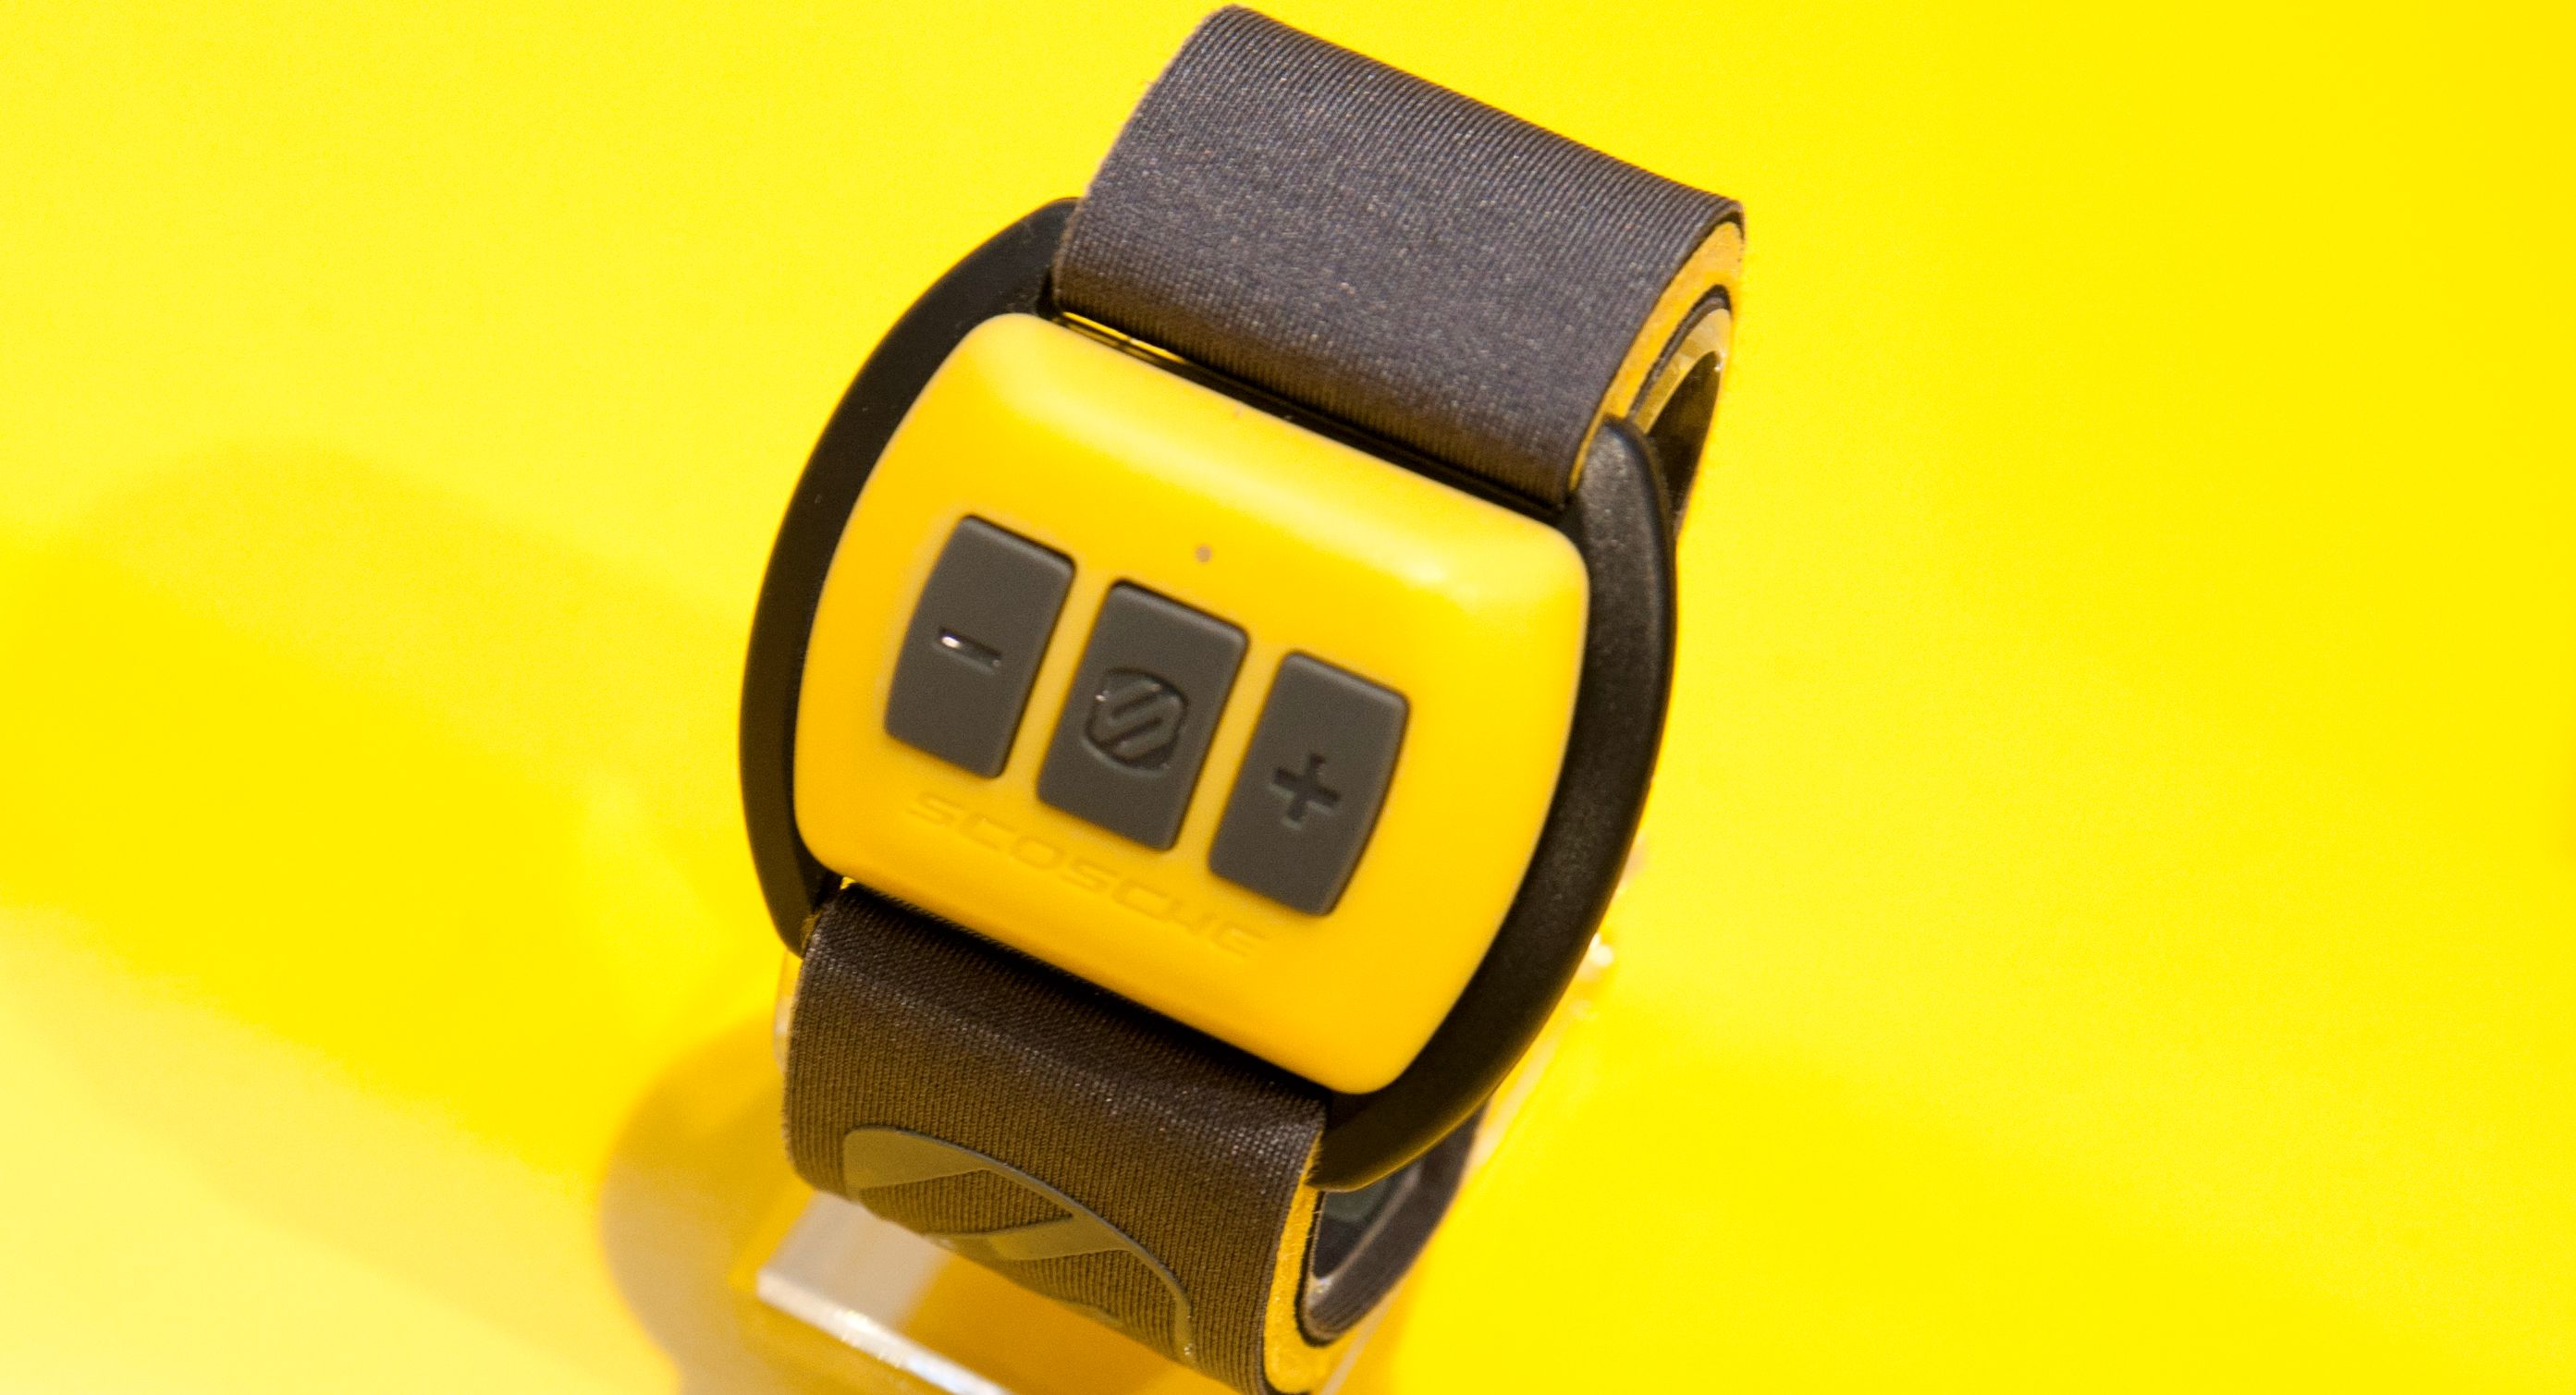 Scoche Rhytm: Dette armbåndet måler puls og styrer musikken.